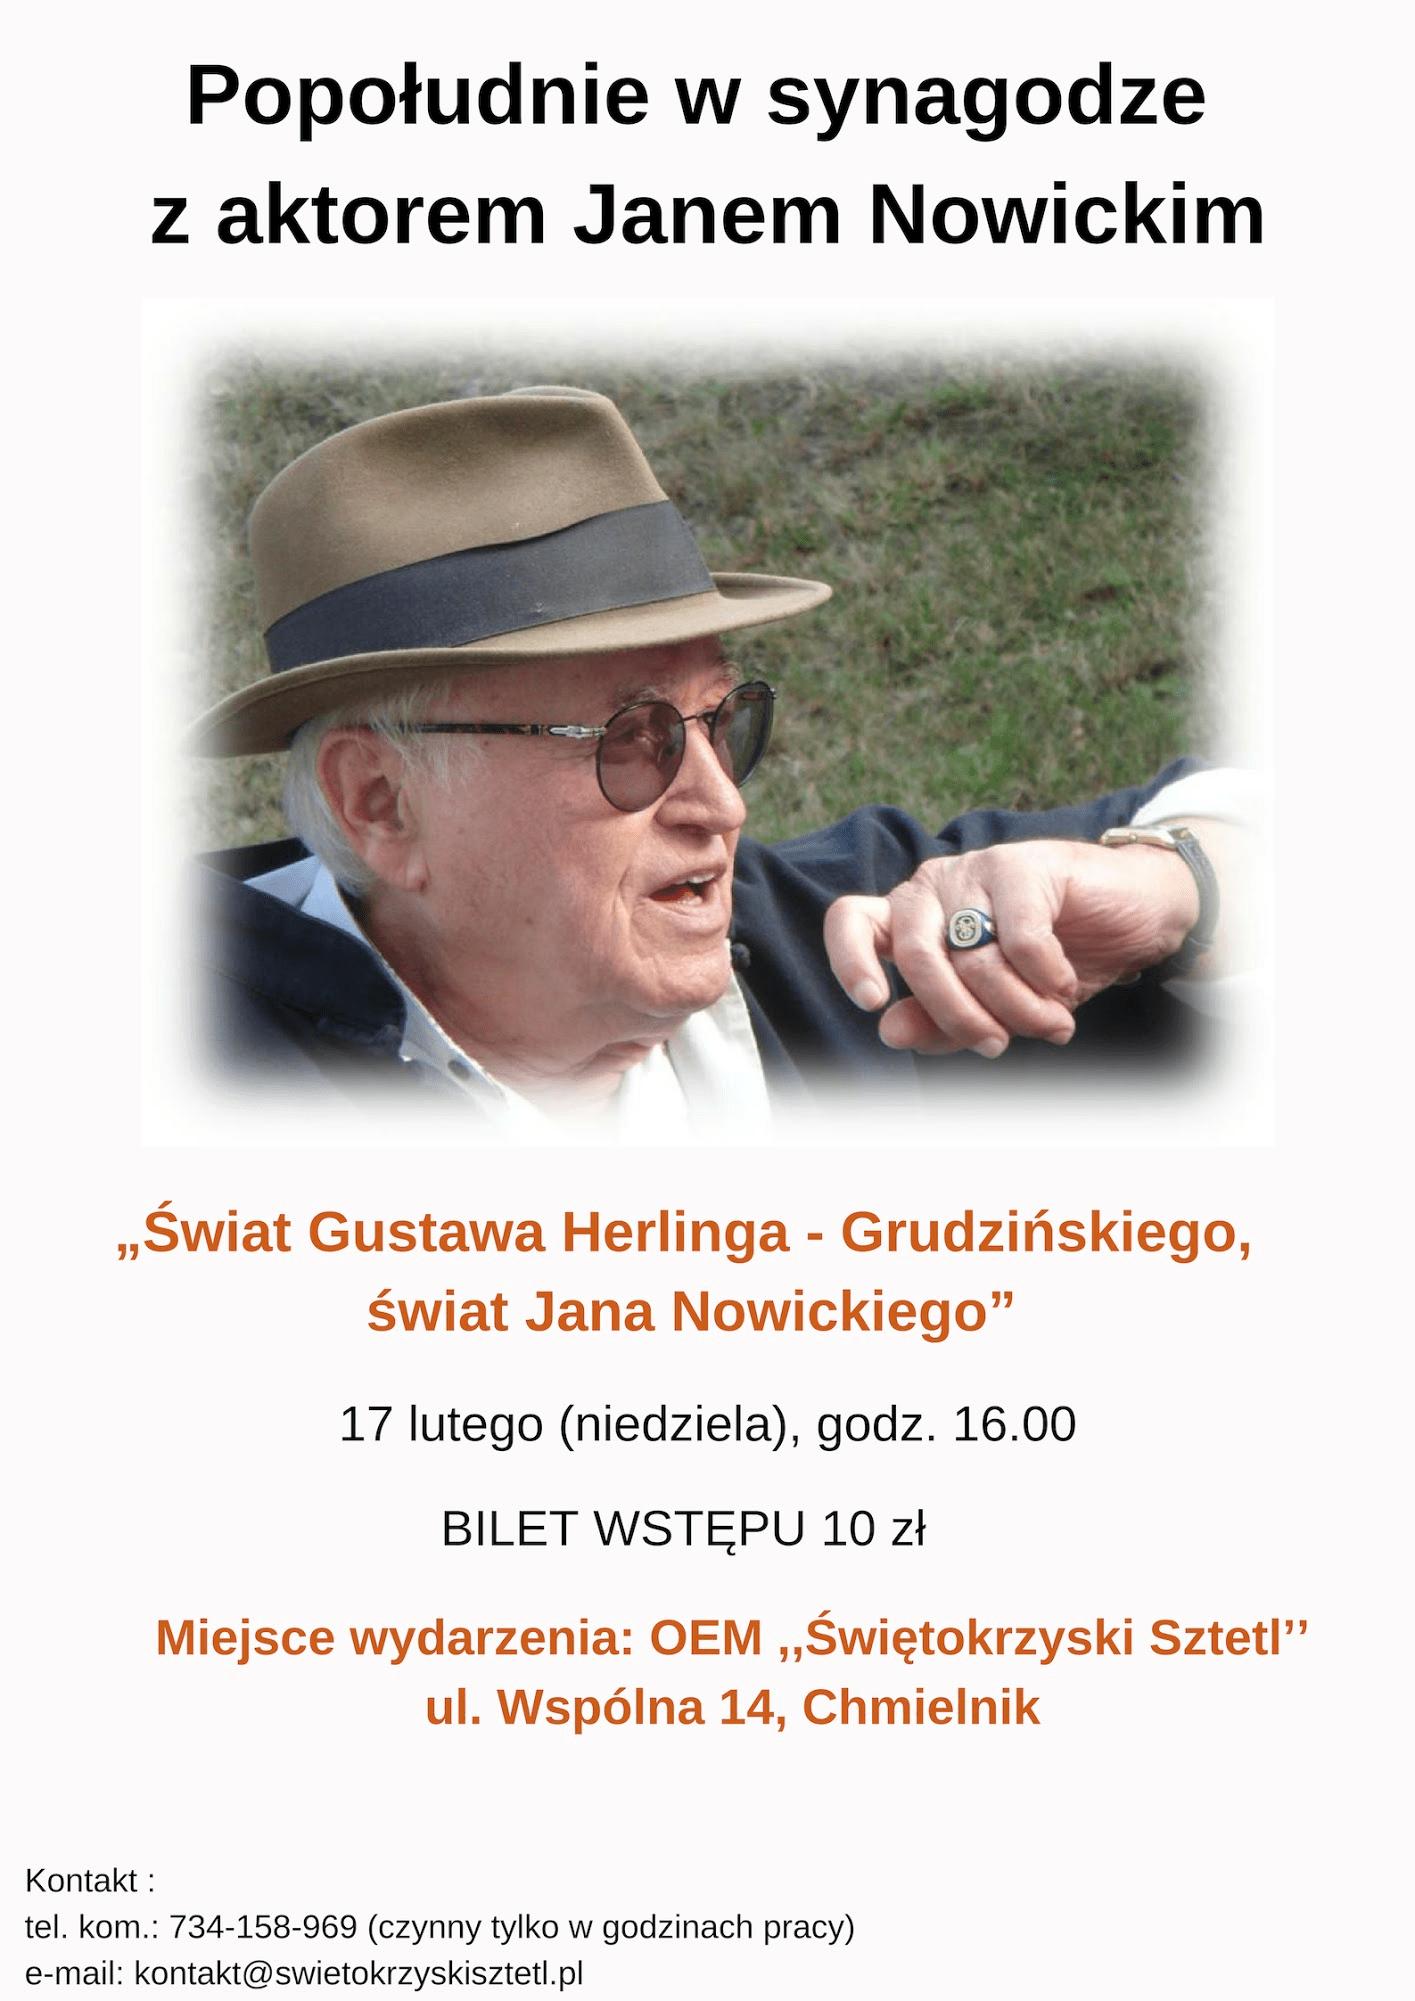 Popołudnie z aktorem w synagodze  Świat Gustawa Herlinga – Grudzińskiego, świat Jana Nowickiego